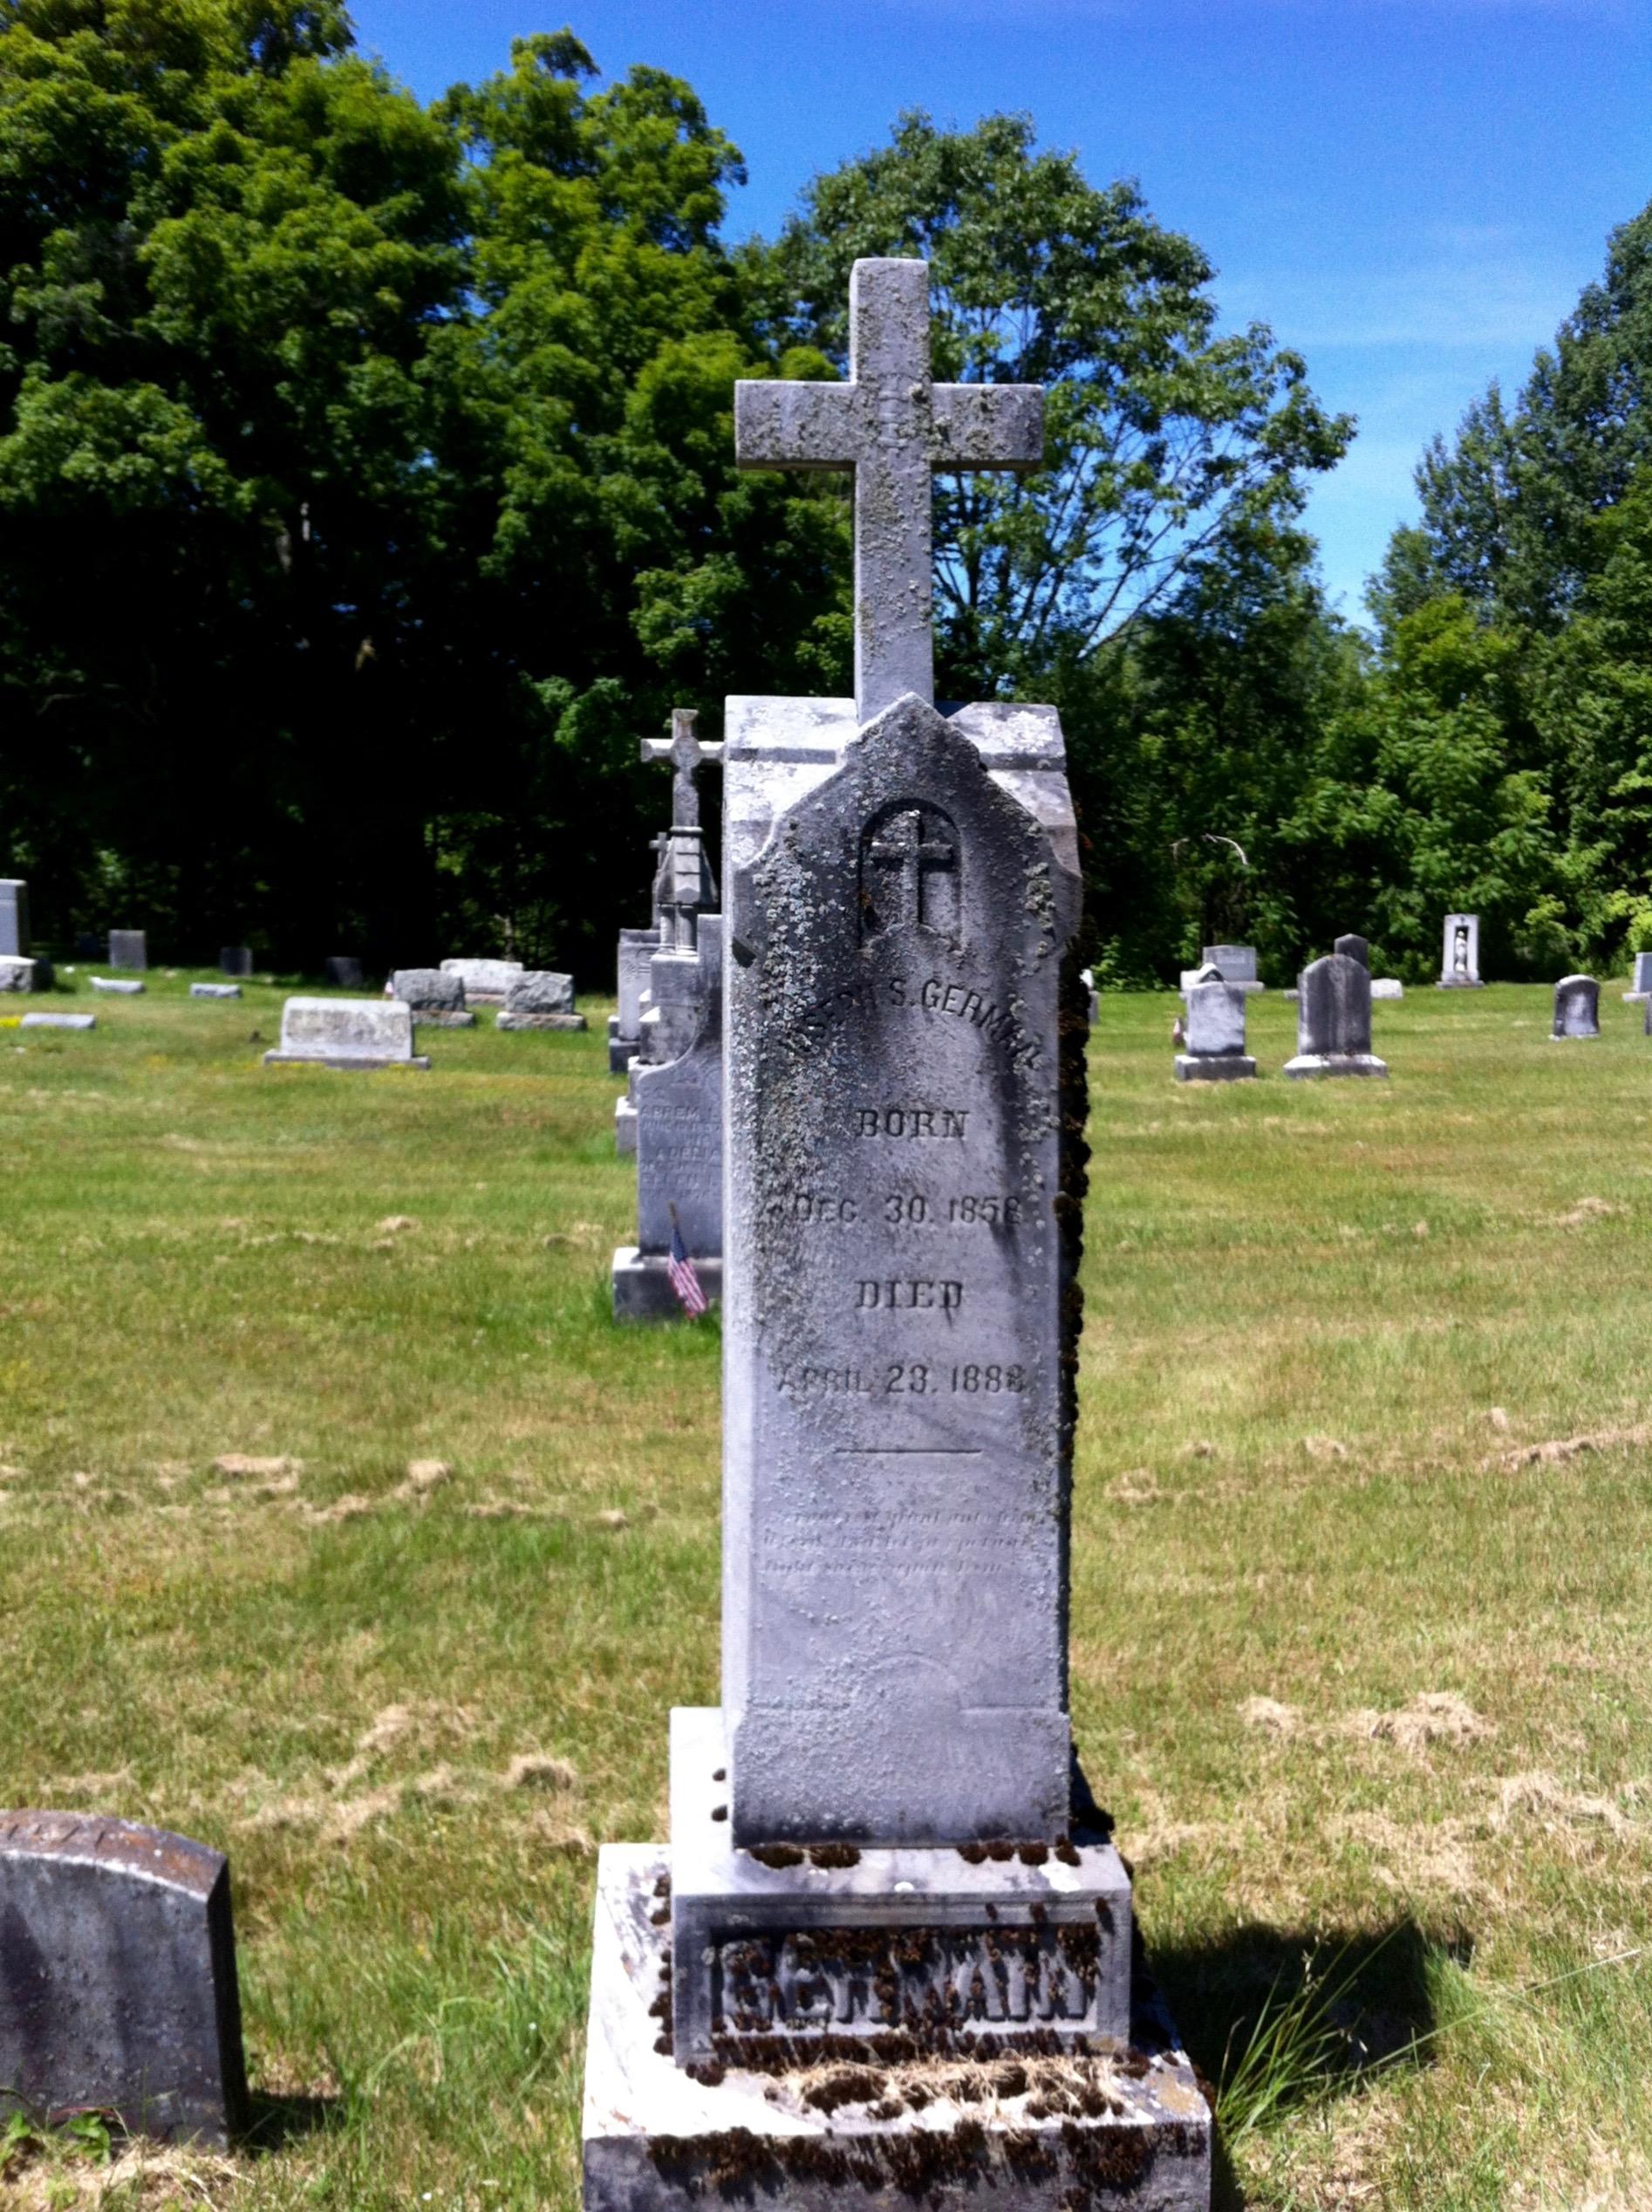 Pierre tombale de Joseph S. Germain, cimetière St. Marys, Brandon, Vermont [collection personnelle de Diane Tourville]